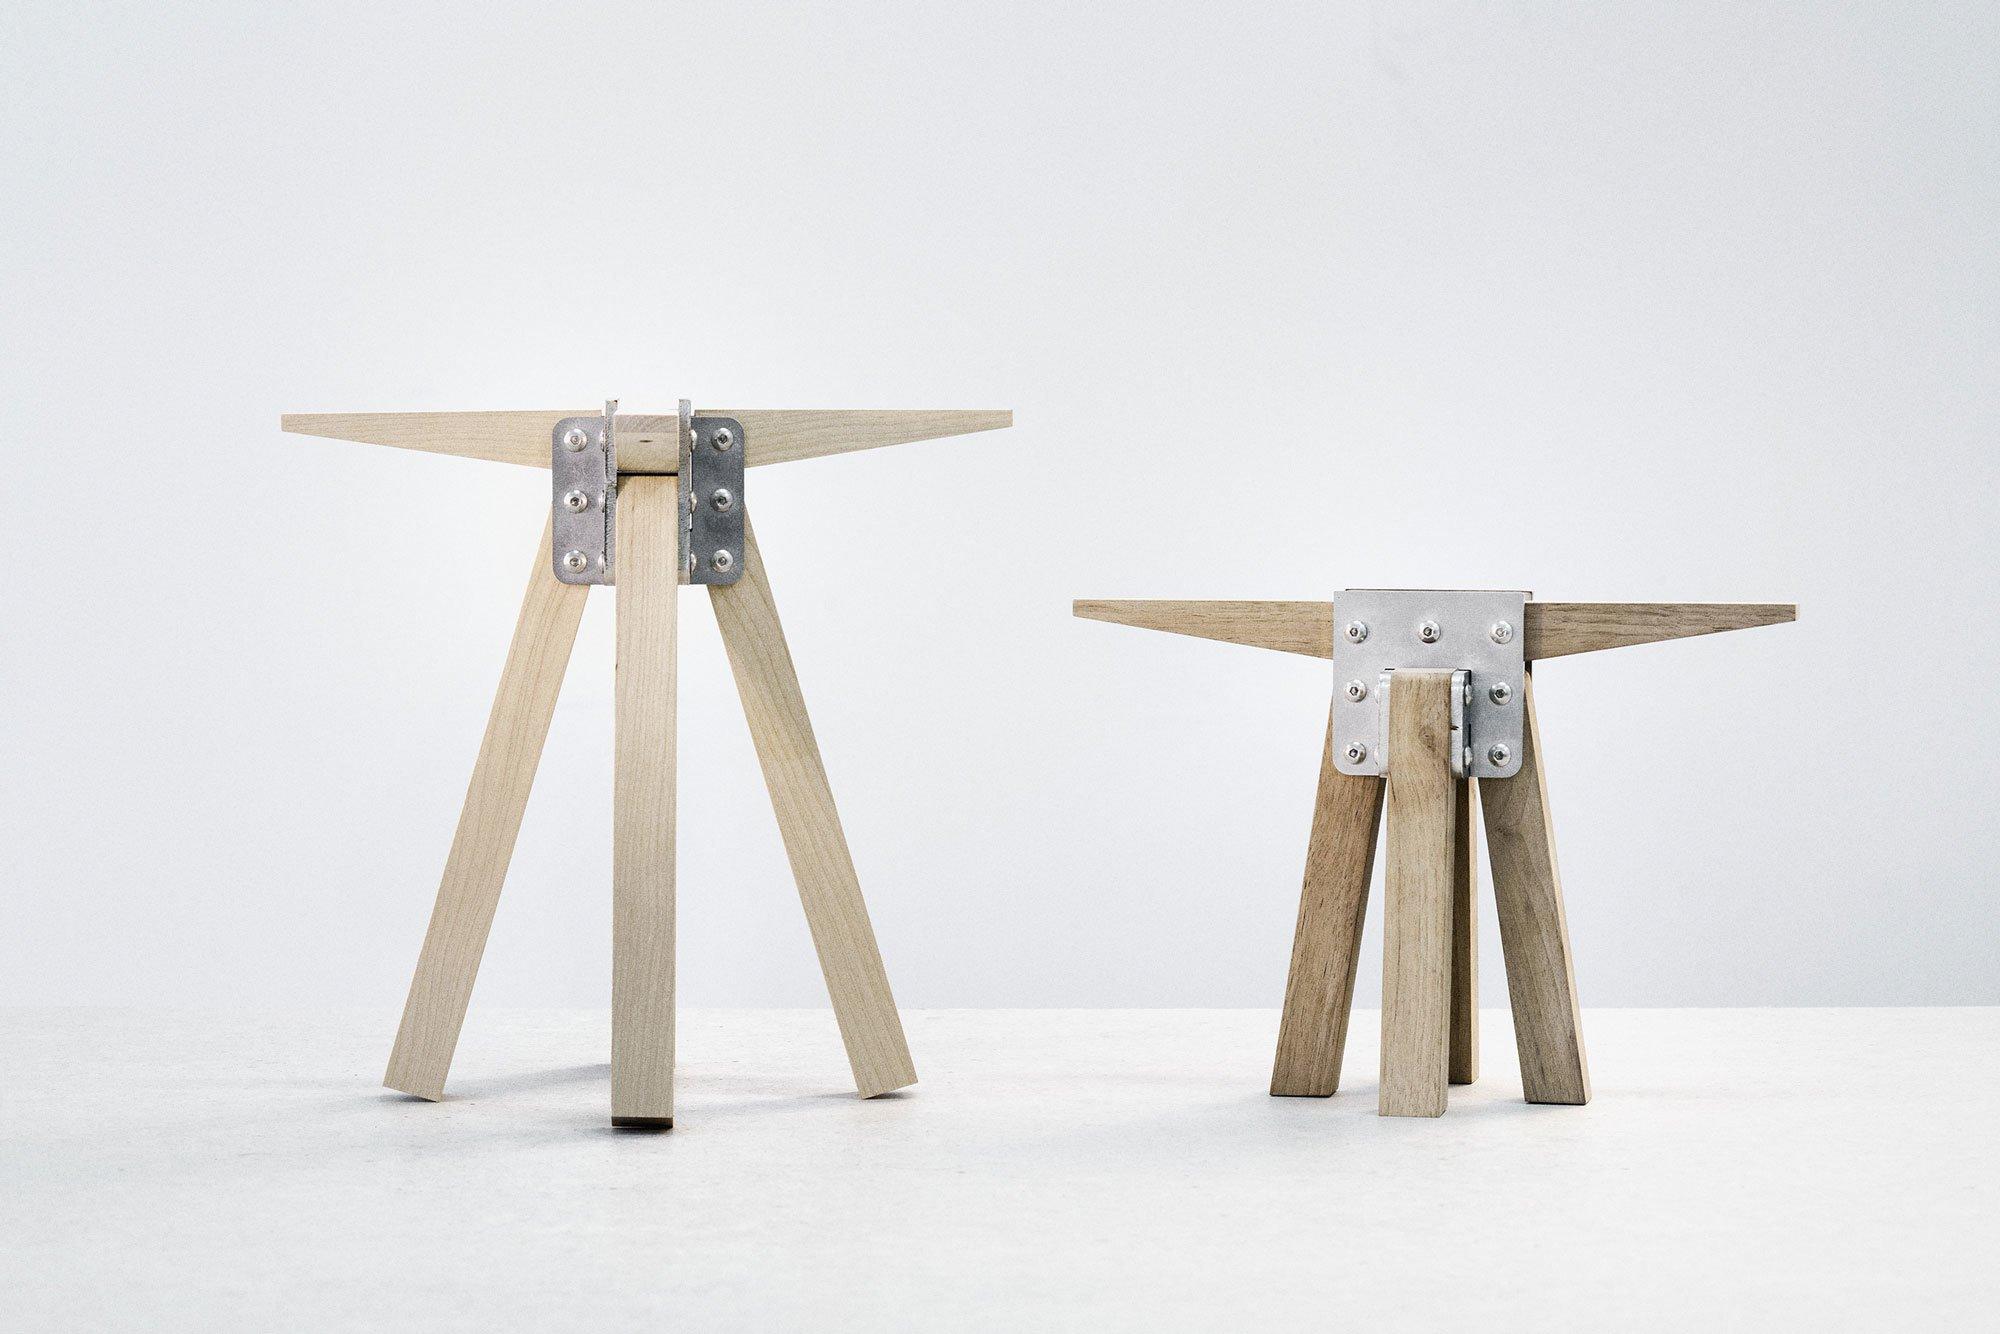 2020 entwickelte Lukas Wegwerth Three+One weiter, um Holzkomponenten einbauen zu können. Foto: Studio Lukas Wegwerth